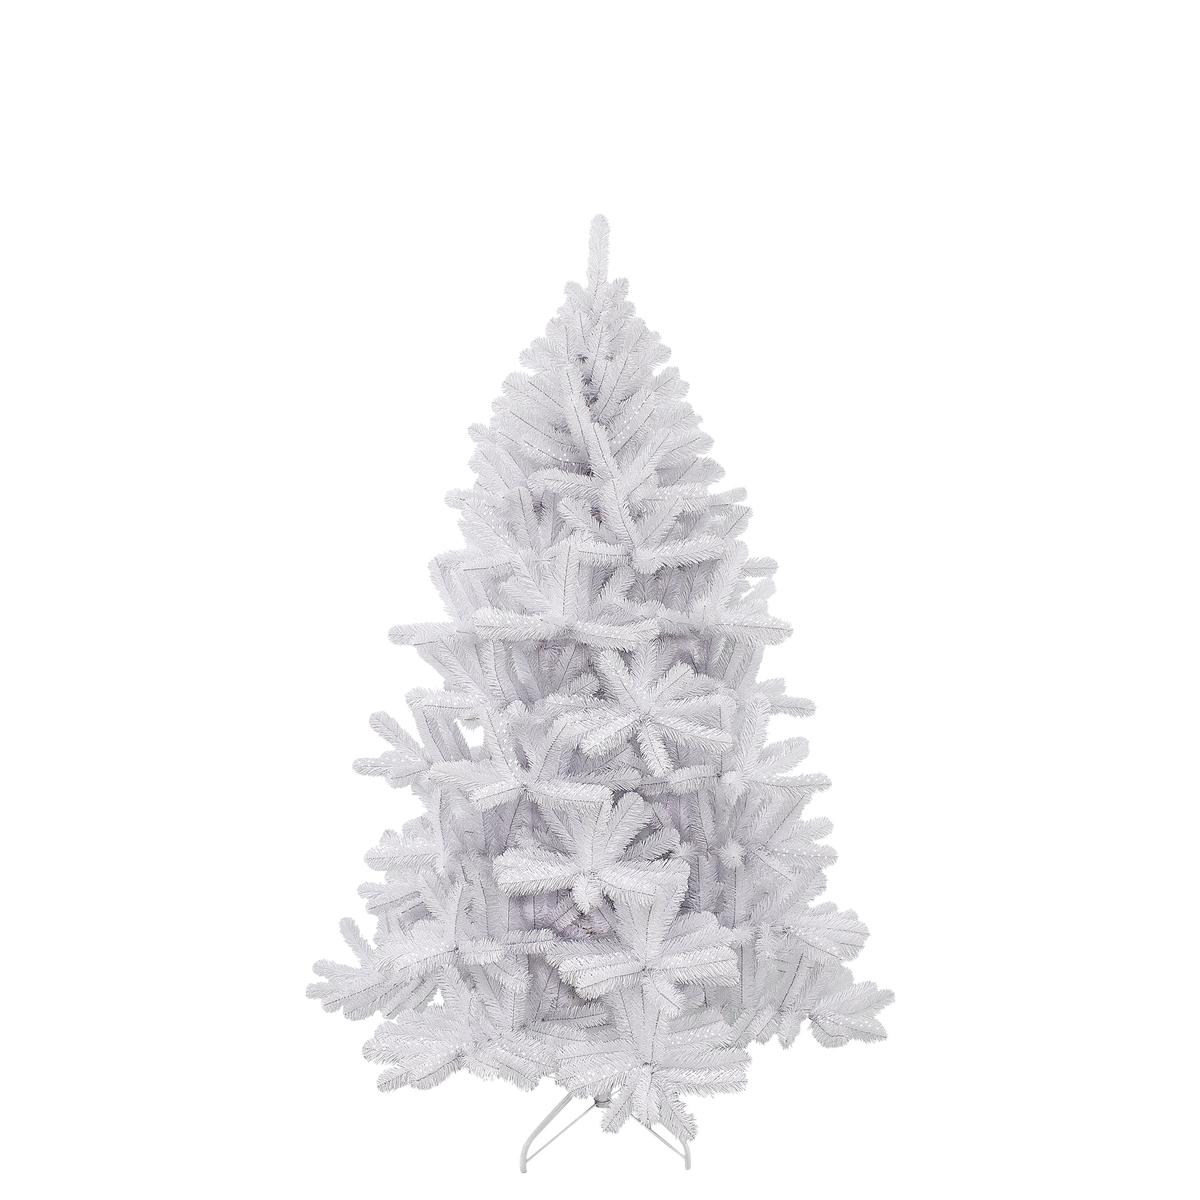 Bild 1 von Icelandic Weihnachtsbaum weiss irisierend TIPS 611 - h185xd119cm